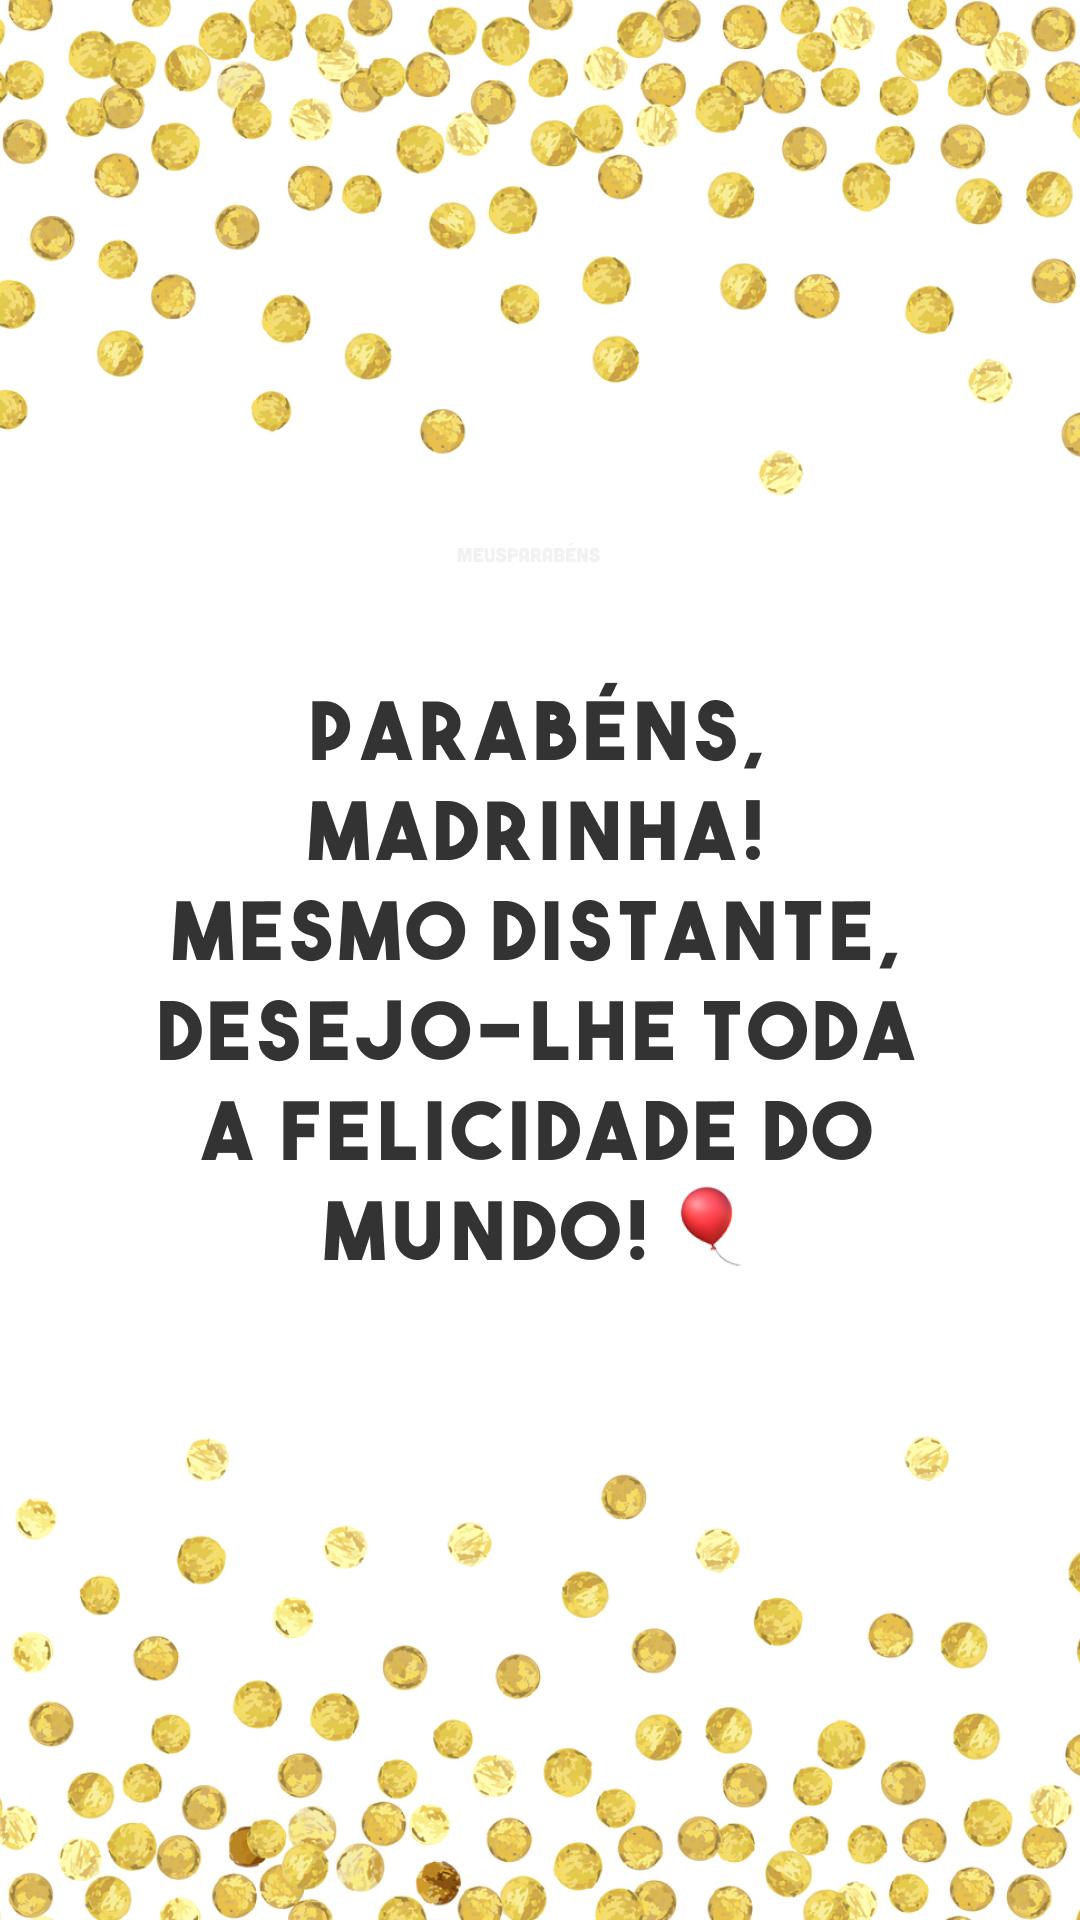 Parabéns, madrinha! Mesmo distante, desejo-lhe toda a felicidade do mundo! 🎈